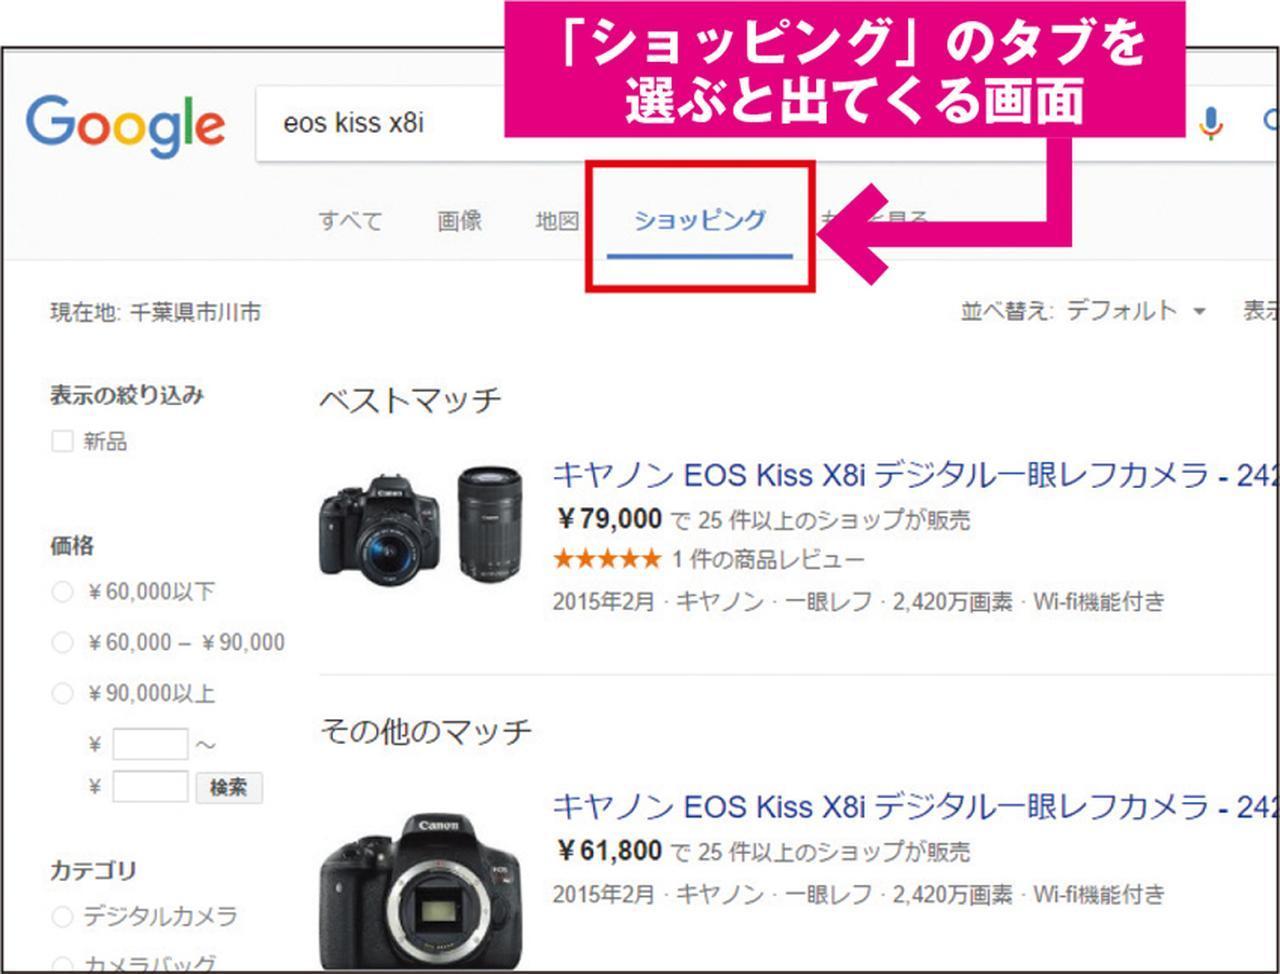 画像: 検索枠に商品名を入力し「ショッピング」を選択すると、通販サイトの価格比較ができる。最安値があるとは限らないが、見てみる価値はある。